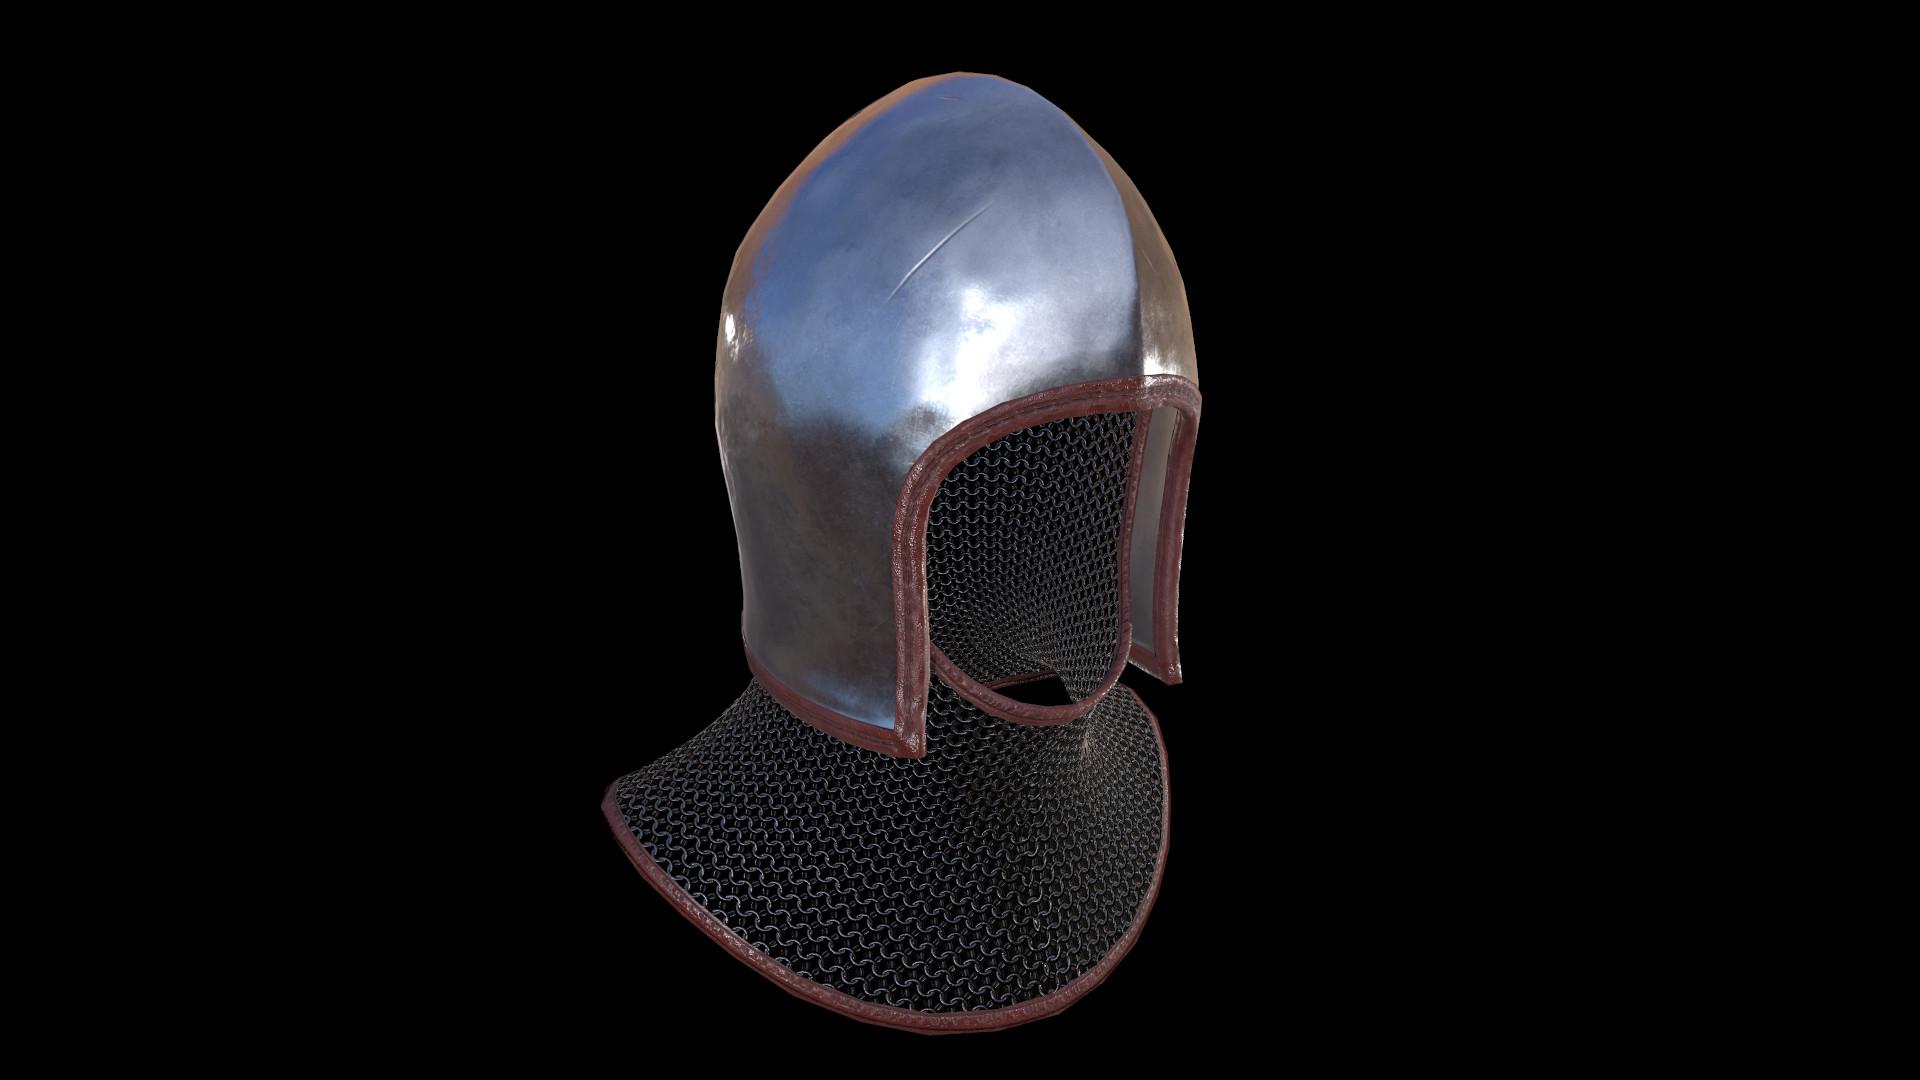 Artur Kushukov - Bascinet helmet